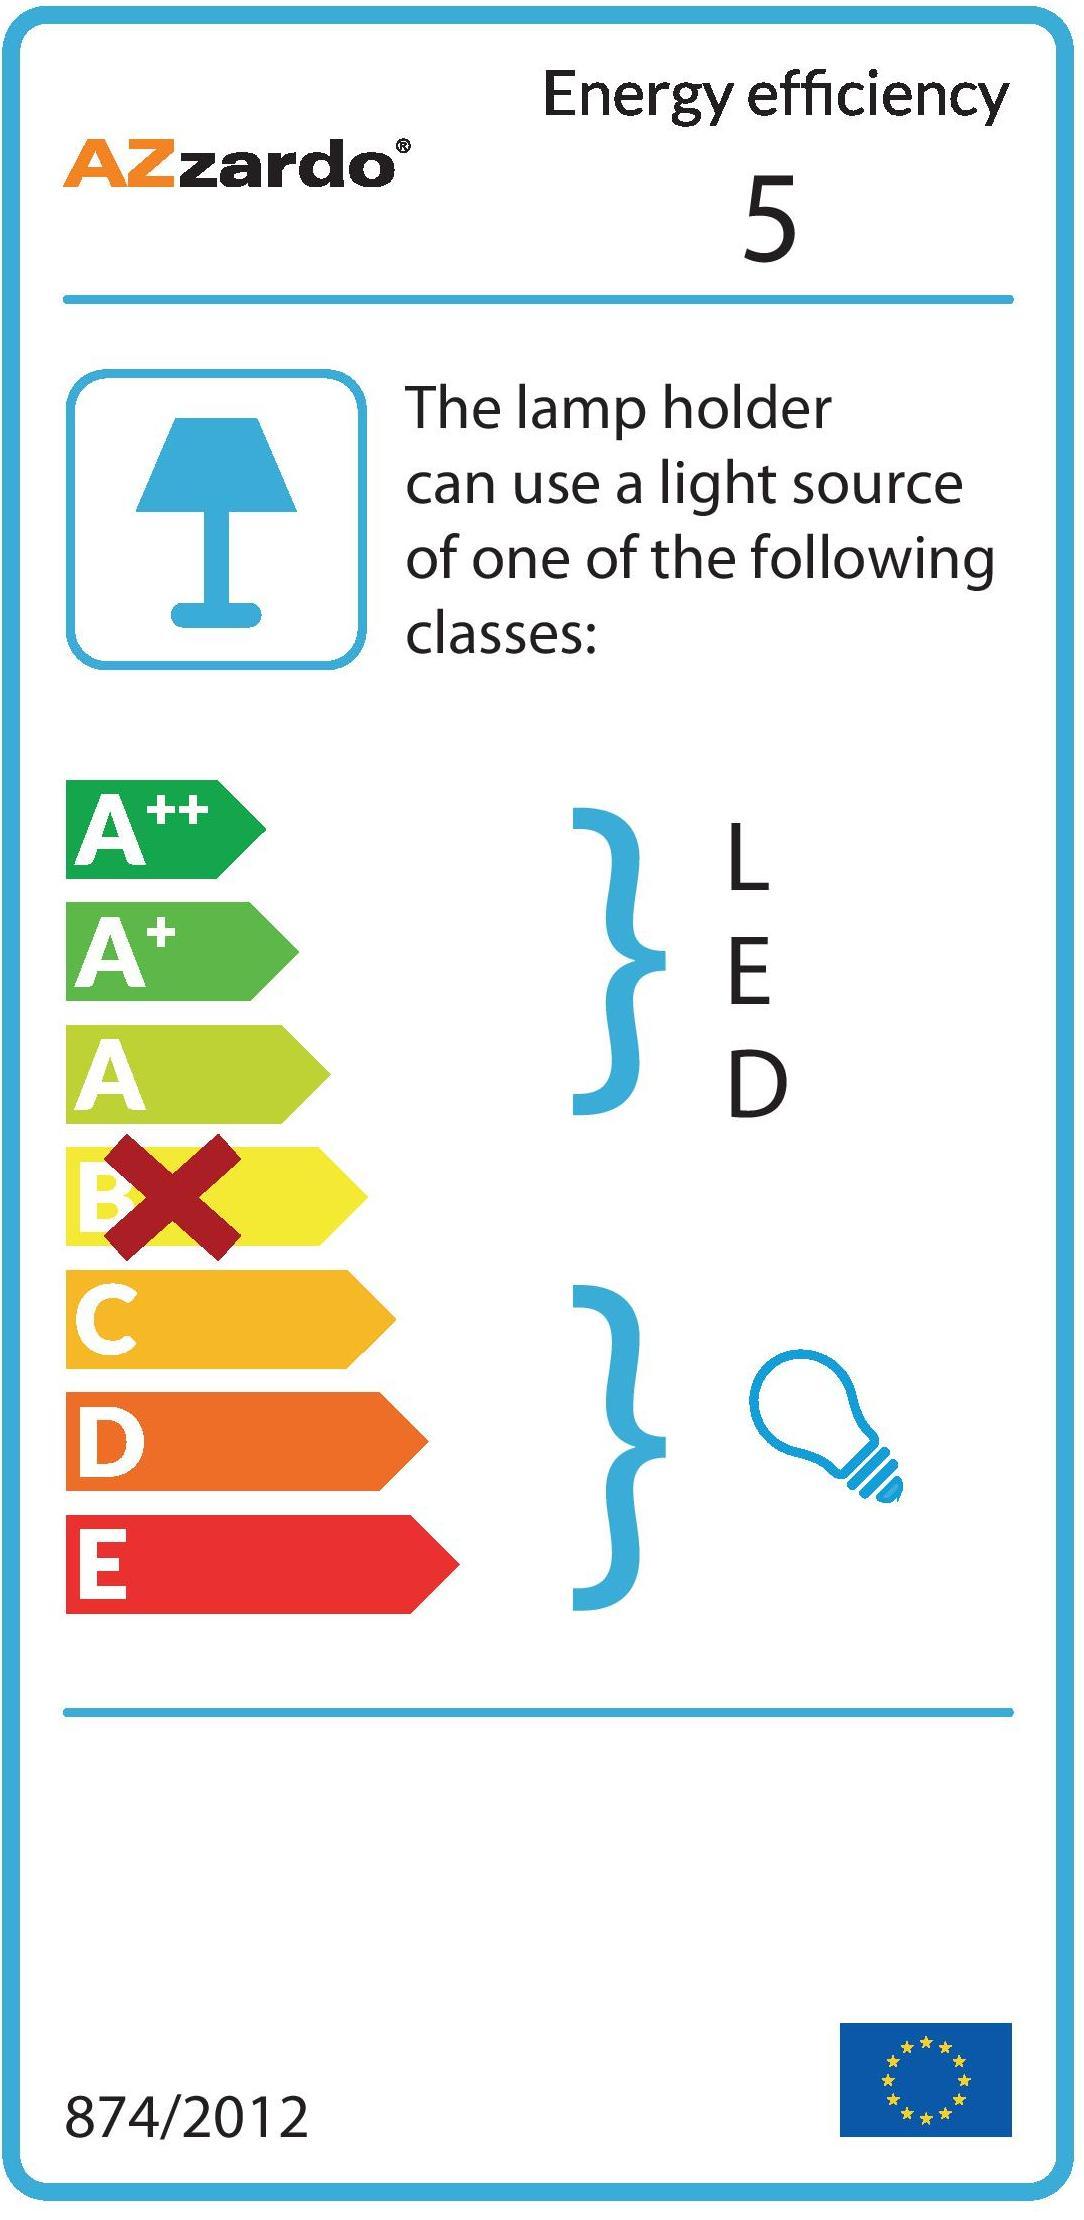 Full energy efficiency label